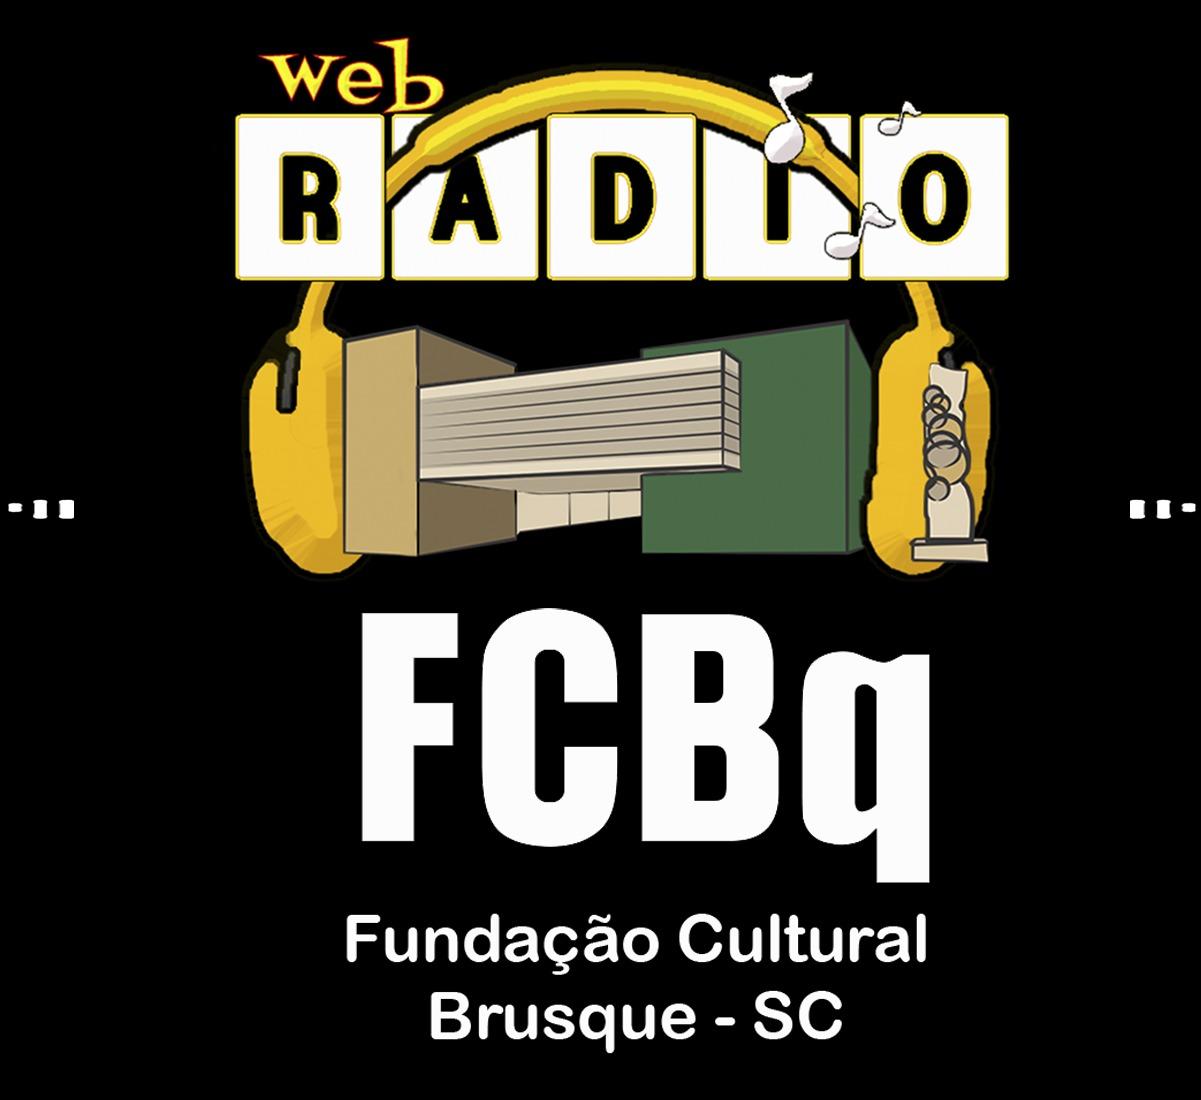 Fundação Cultural lança Web Rádio